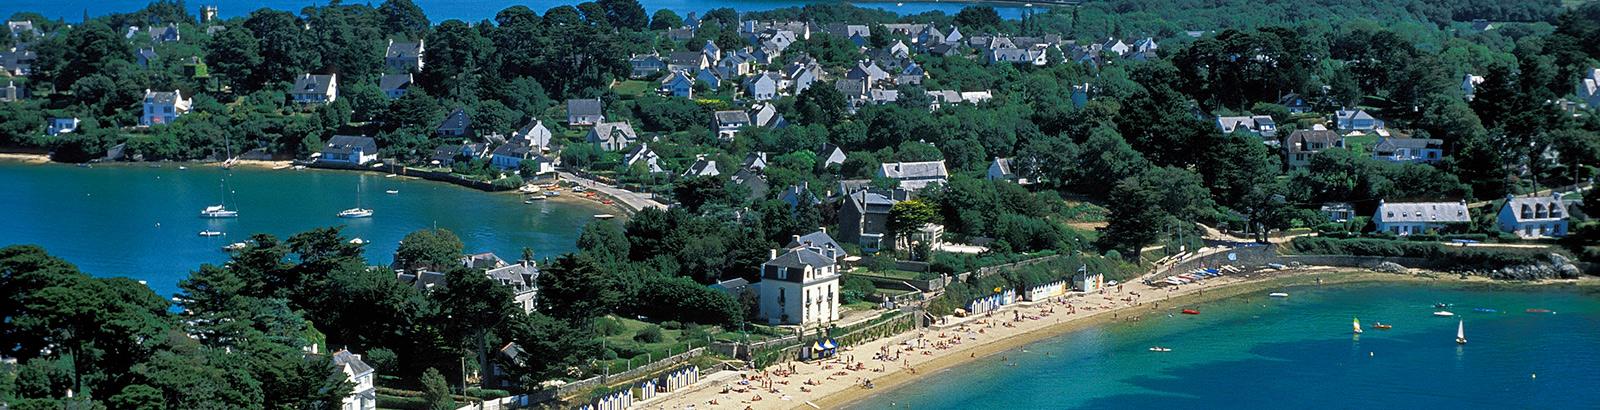 De Golfe du Morbihan, één van de mooiste baaien ter wereld